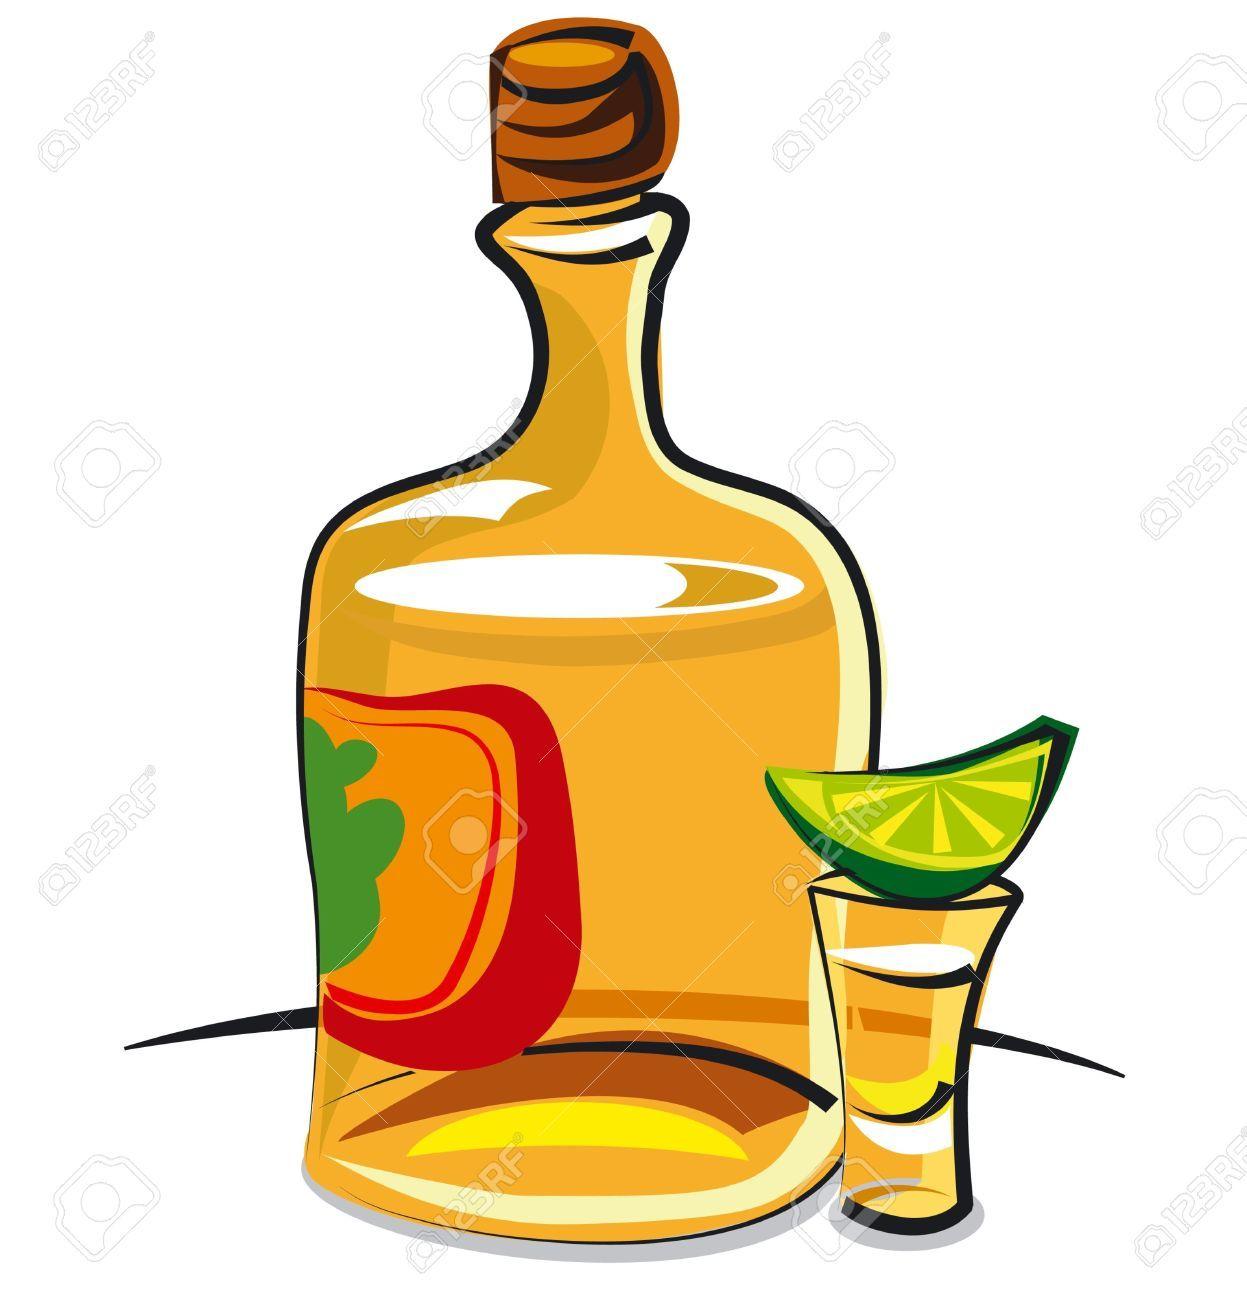 Tequila clipart images clip art transparent Tequila bottle clipart 5 » Clipart Portal clip art transparent